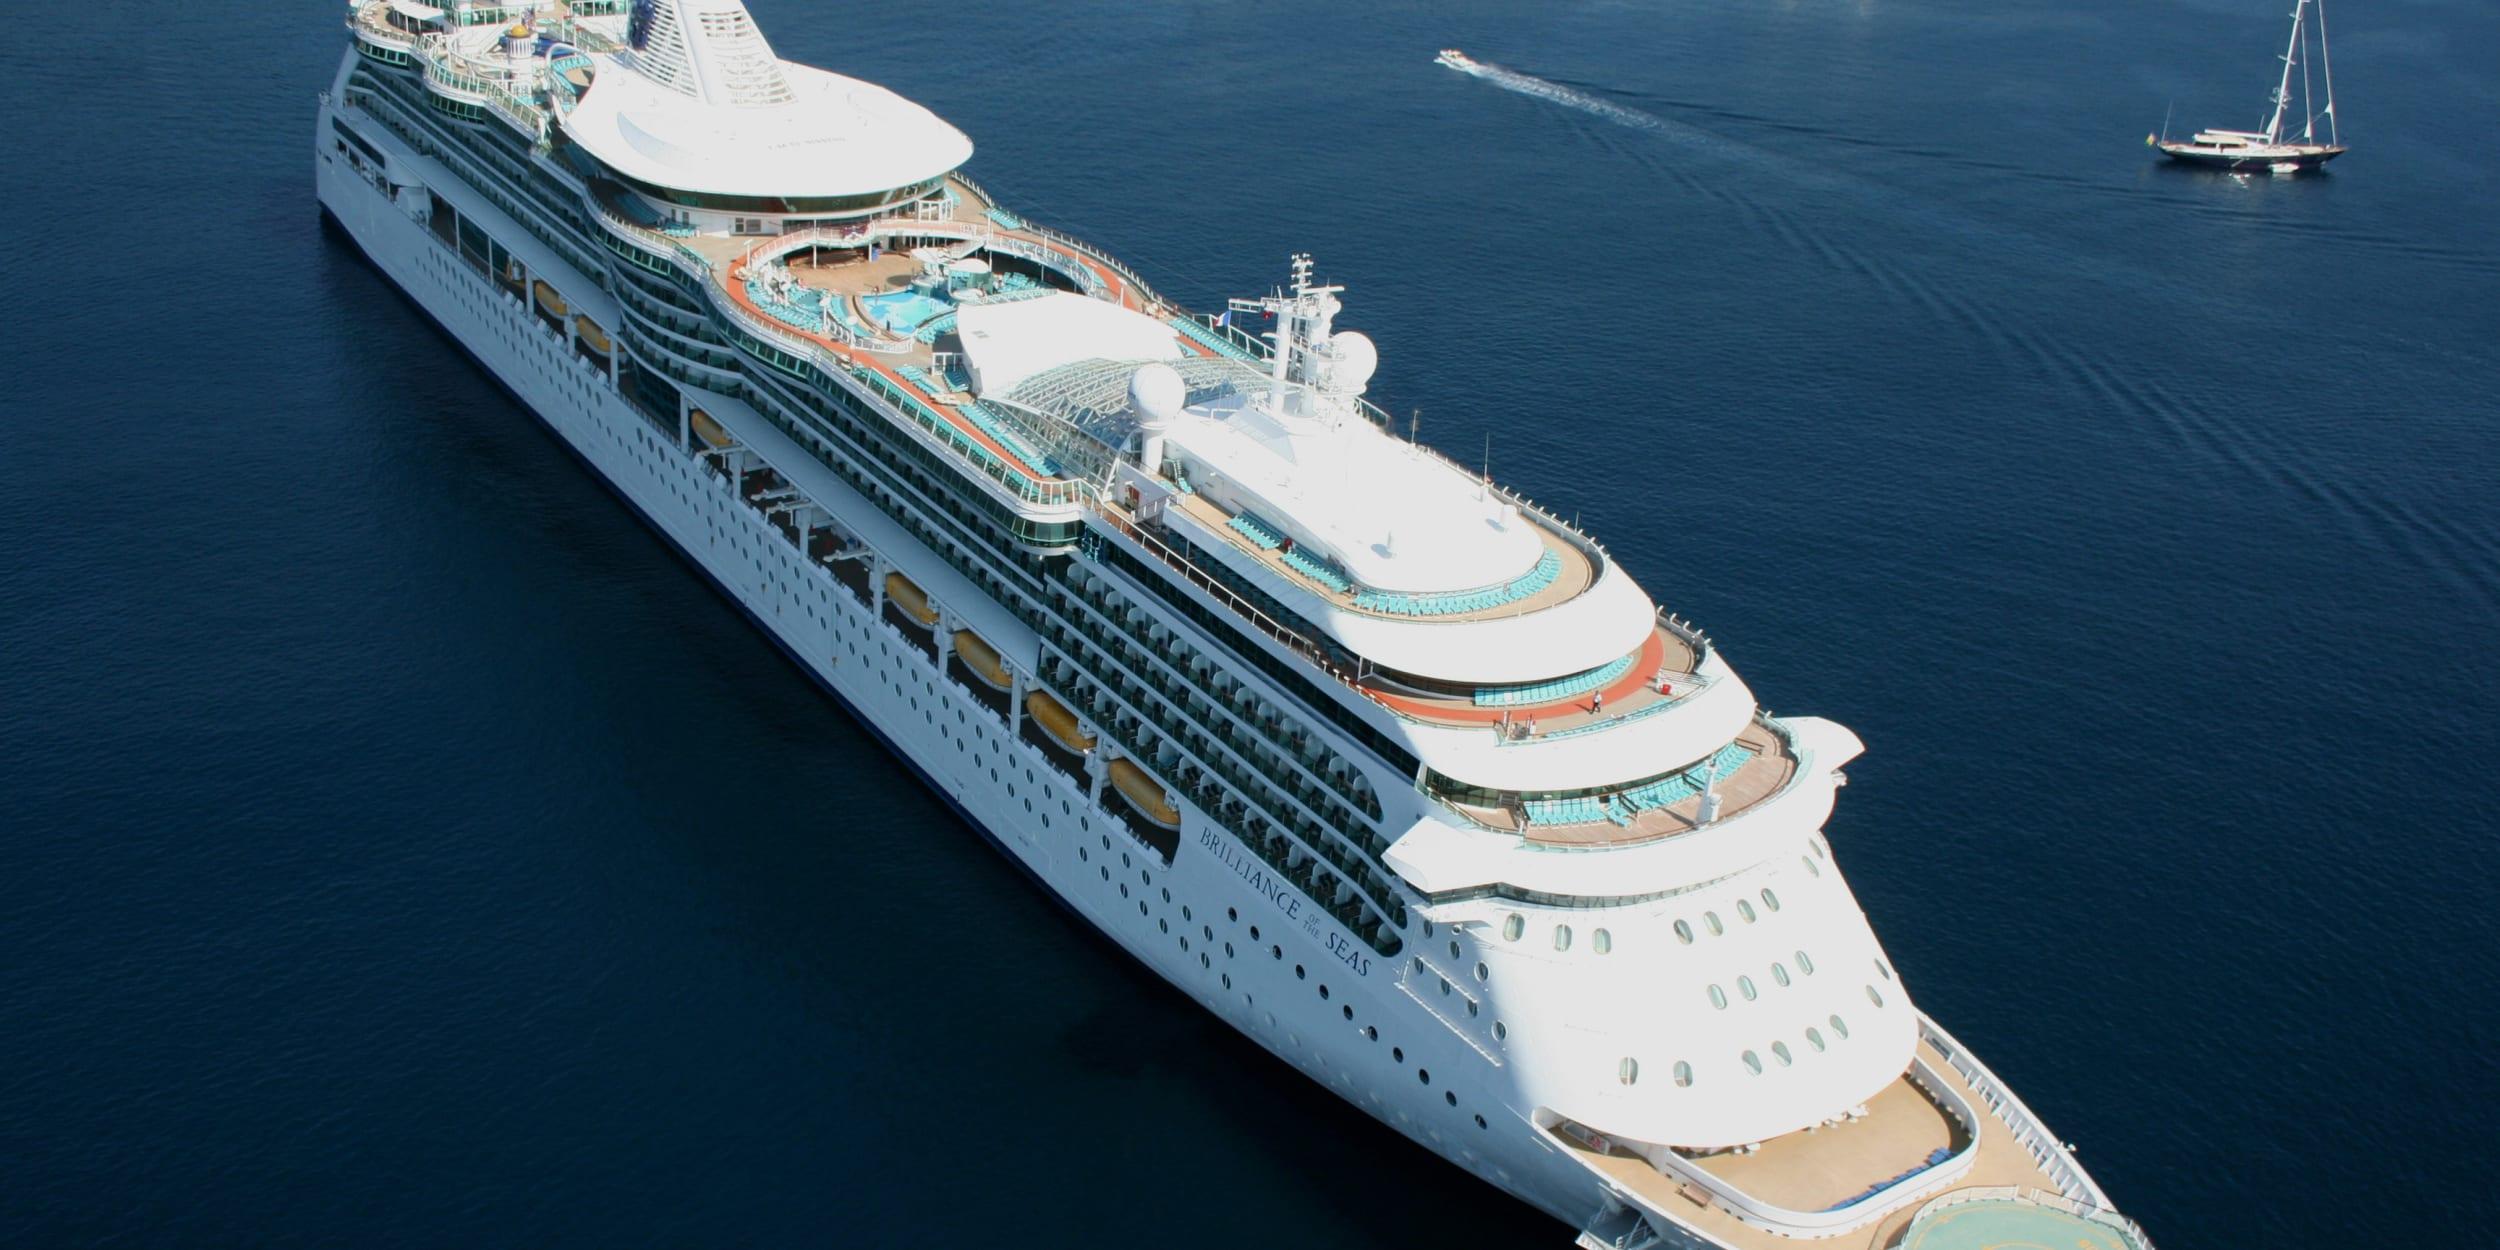 Crociere- Trasporti marittimi di passeggeri